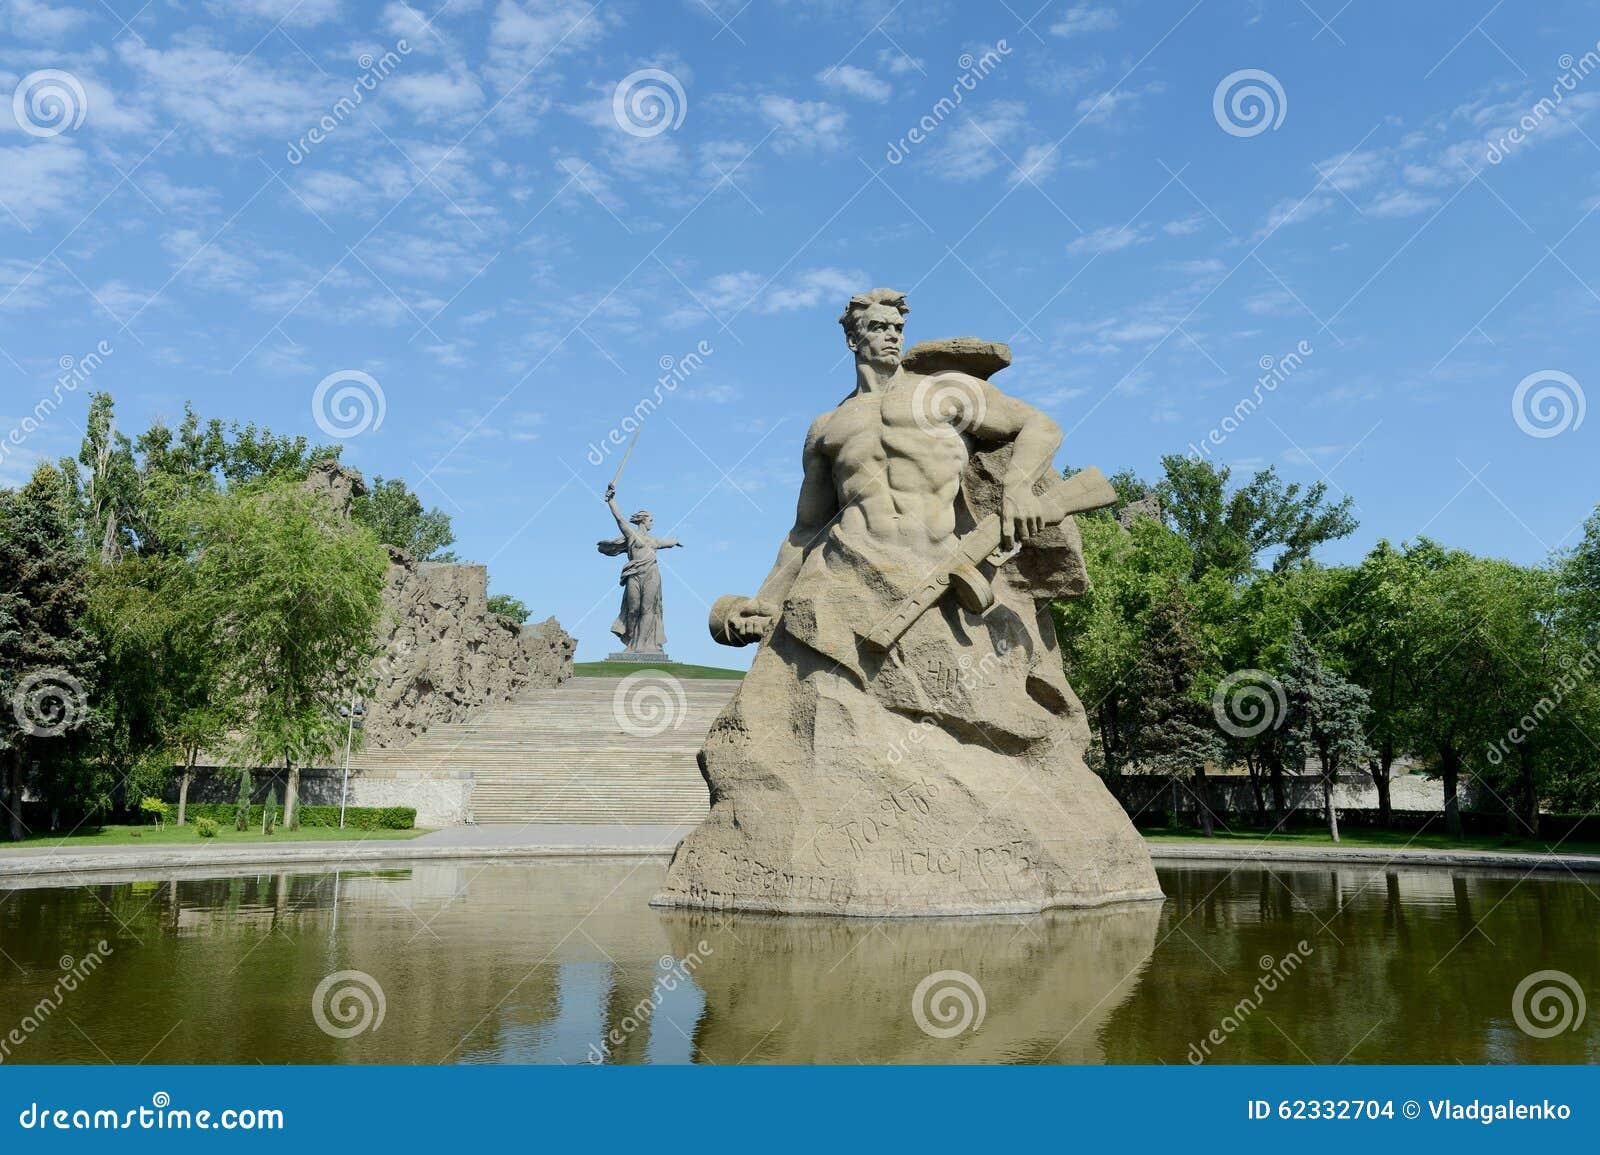 Il monumento le chiamate della patria! scultura di un soldato sovietico da combattere alla morte! al vicolo di memoria nella citt